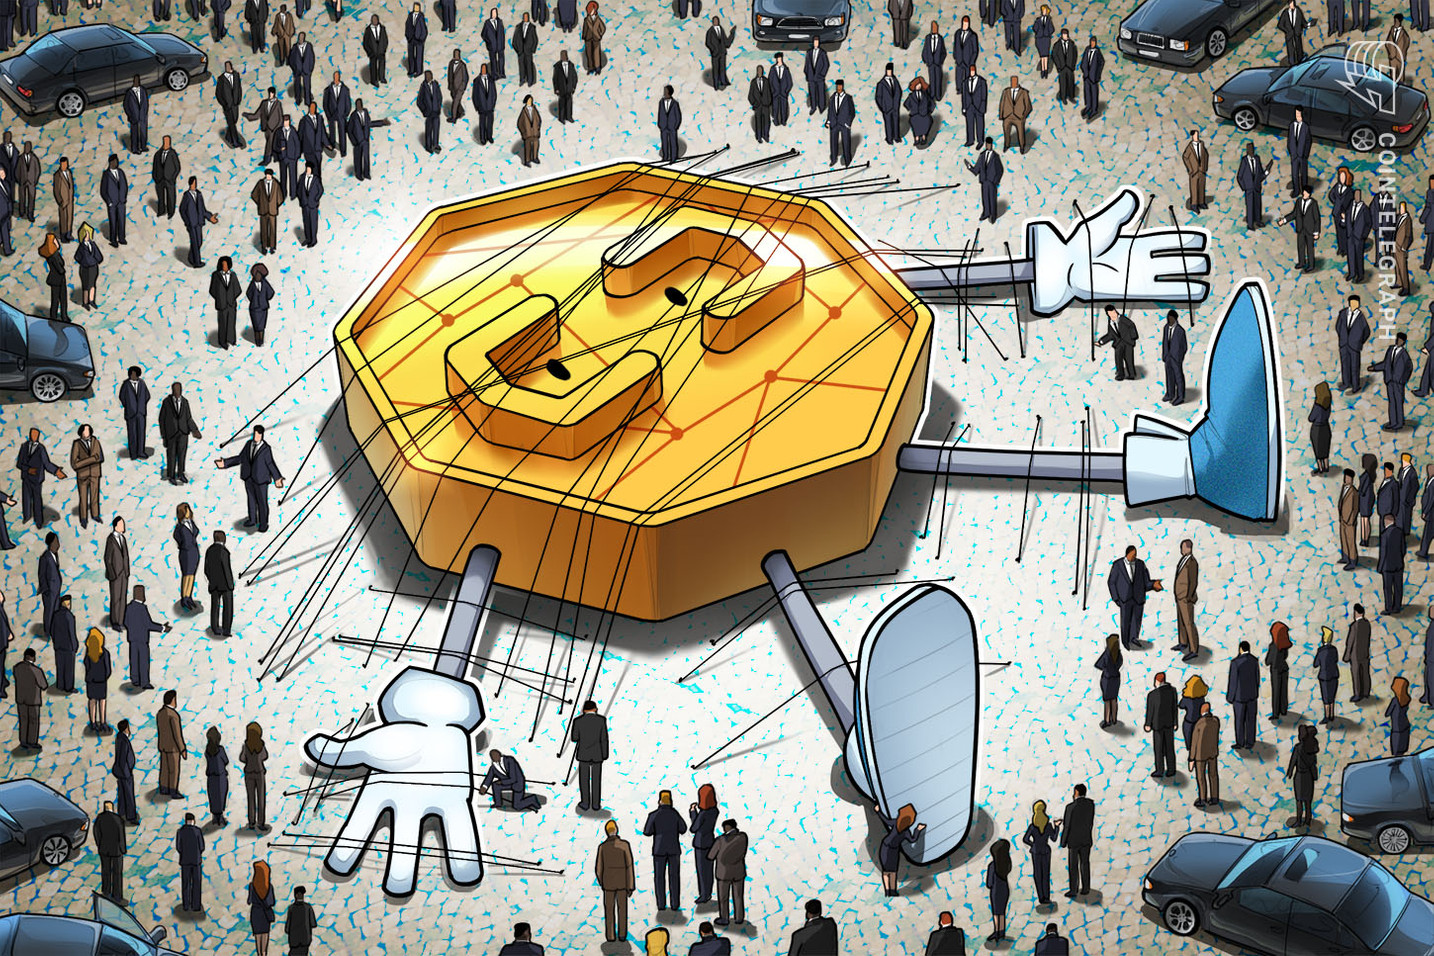 トルコの金融規制当局が仮想通貨取引の規制枠組みを準備【ニュース】